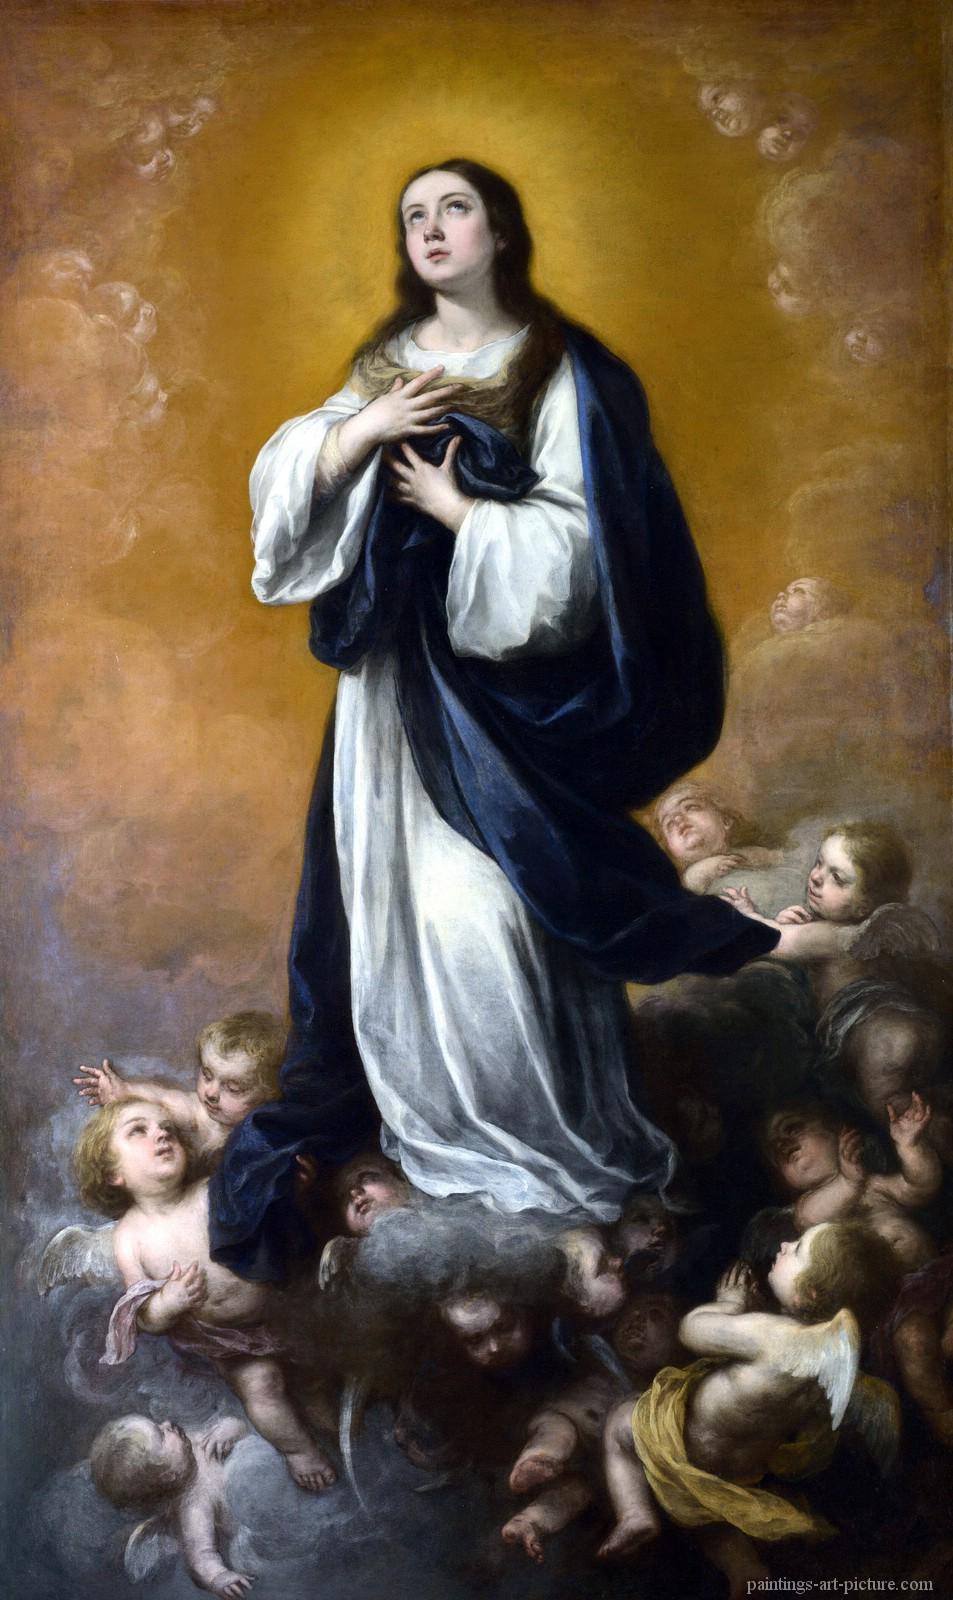 _murillo-bartolome-esteban-the-immaculate-conception-of-the-virgin.jpg